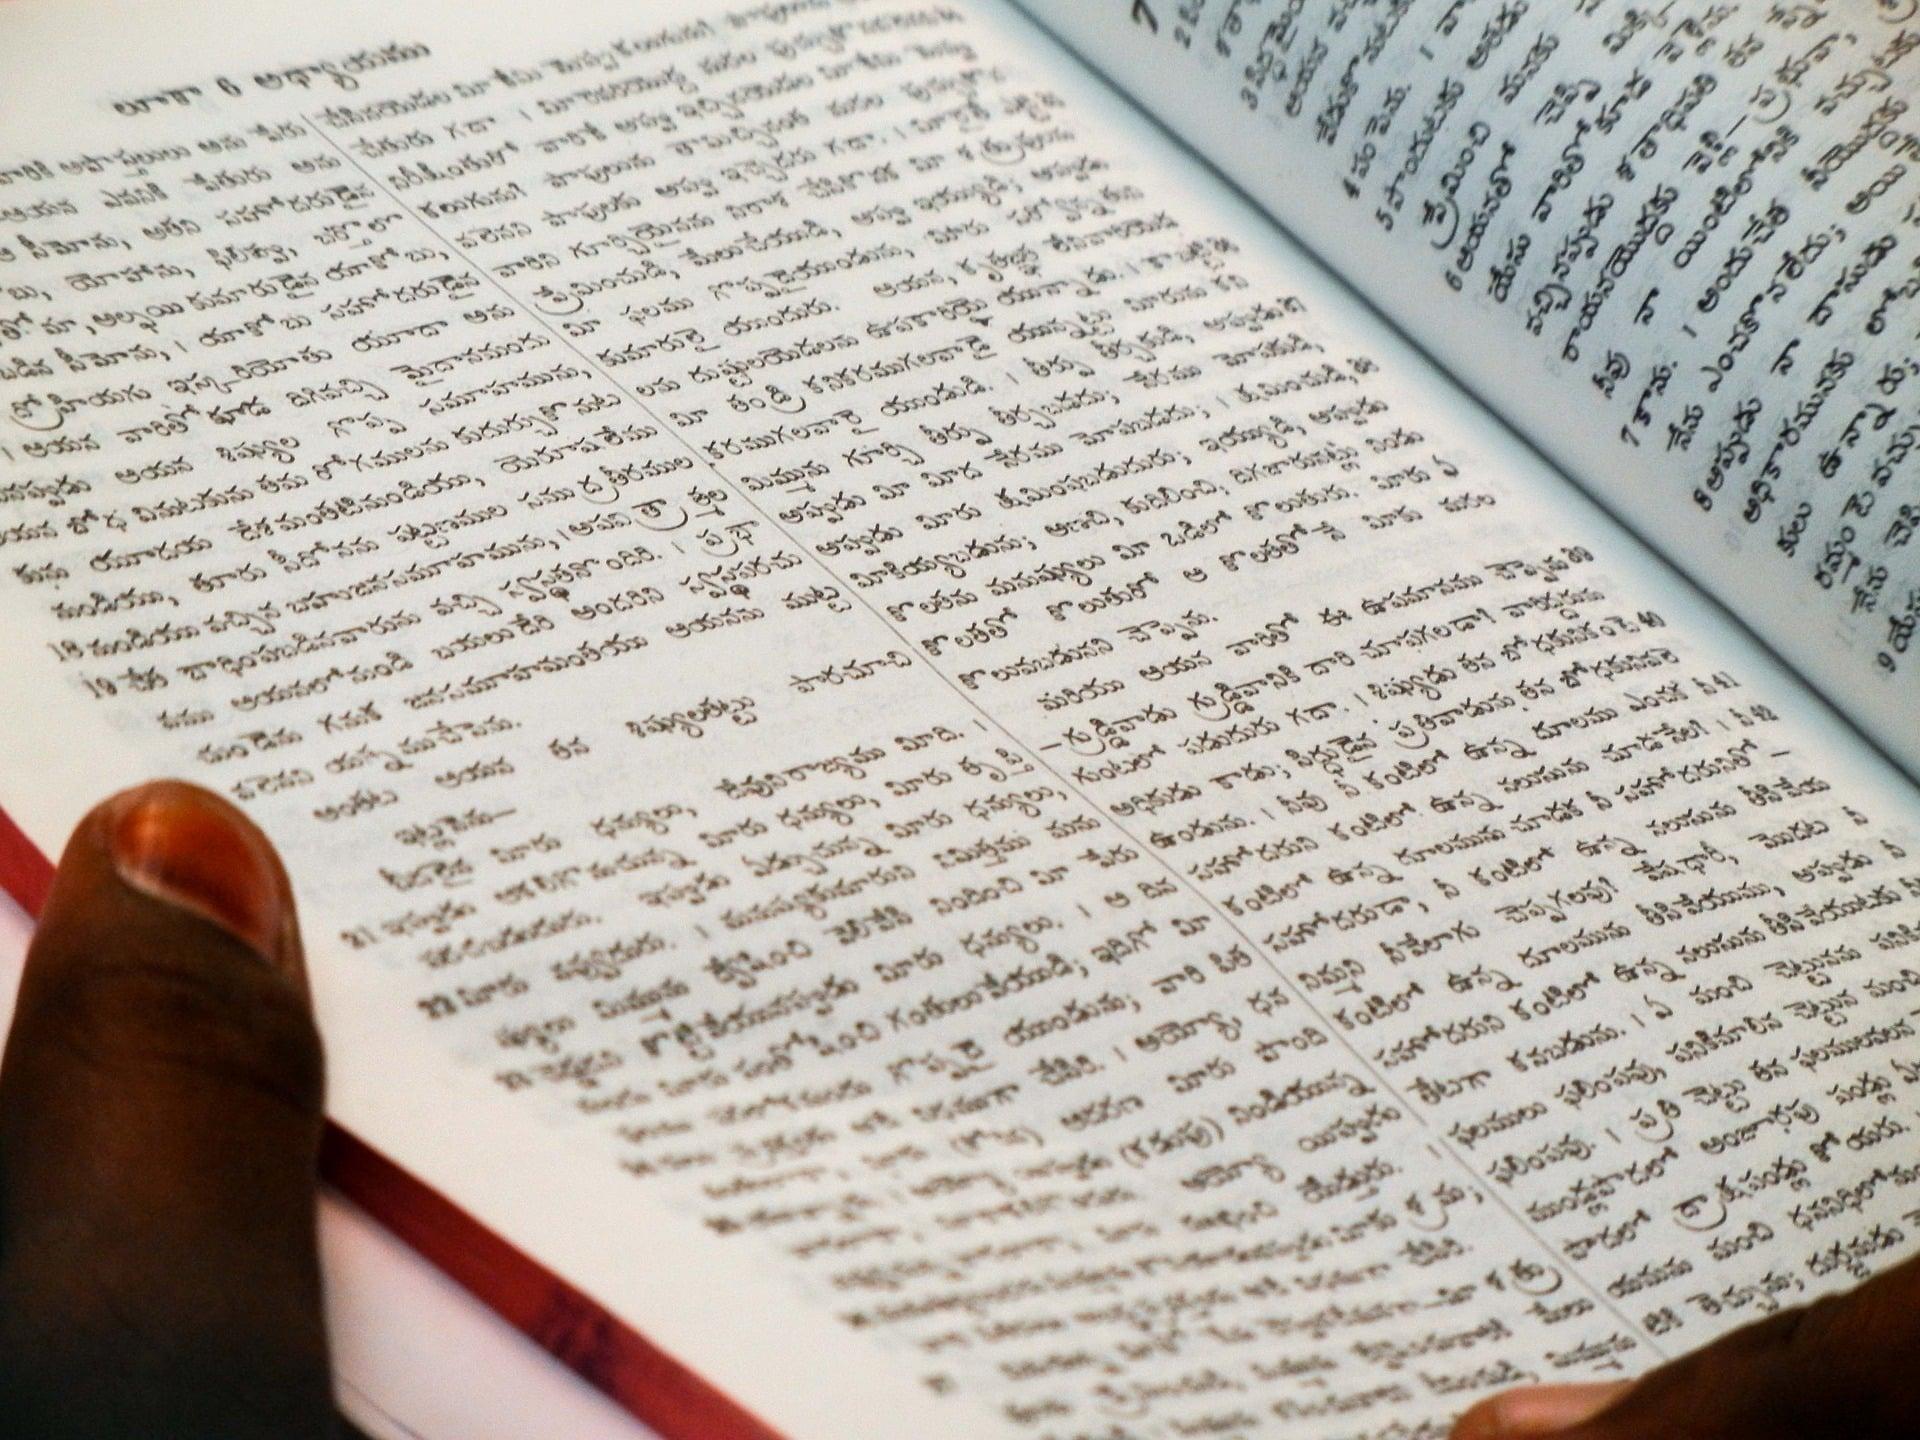 La traduction est-elle toujours importante, voire nécessaire?